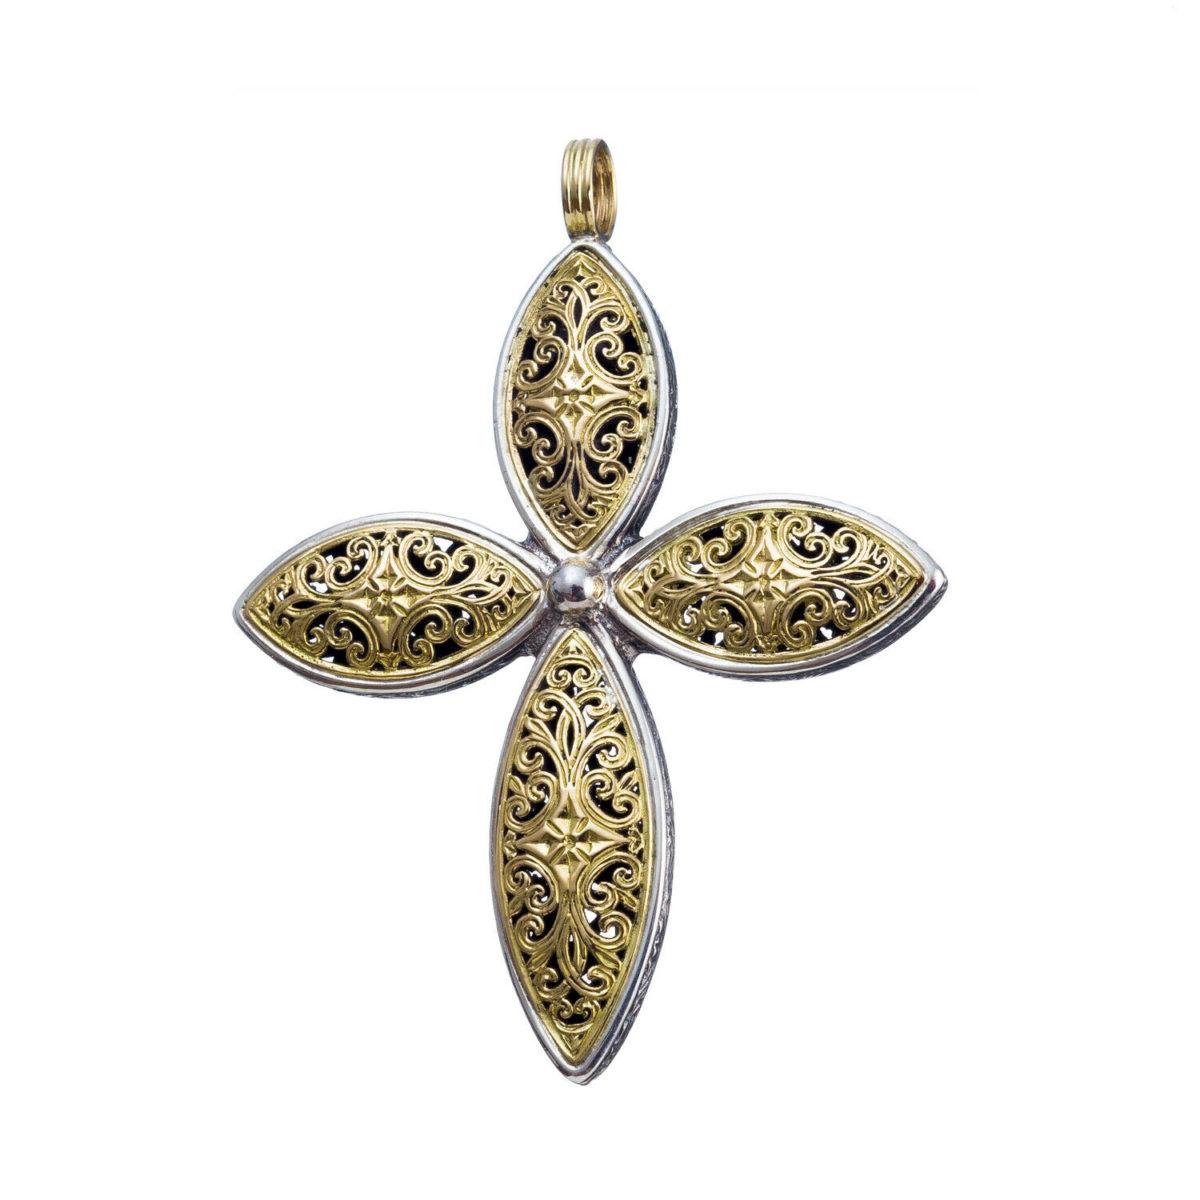 Χειροποίητος Βυζαντινός σταυρός Gerochristos διακοσμημένος με Βυζαντινά φιλιγκράν